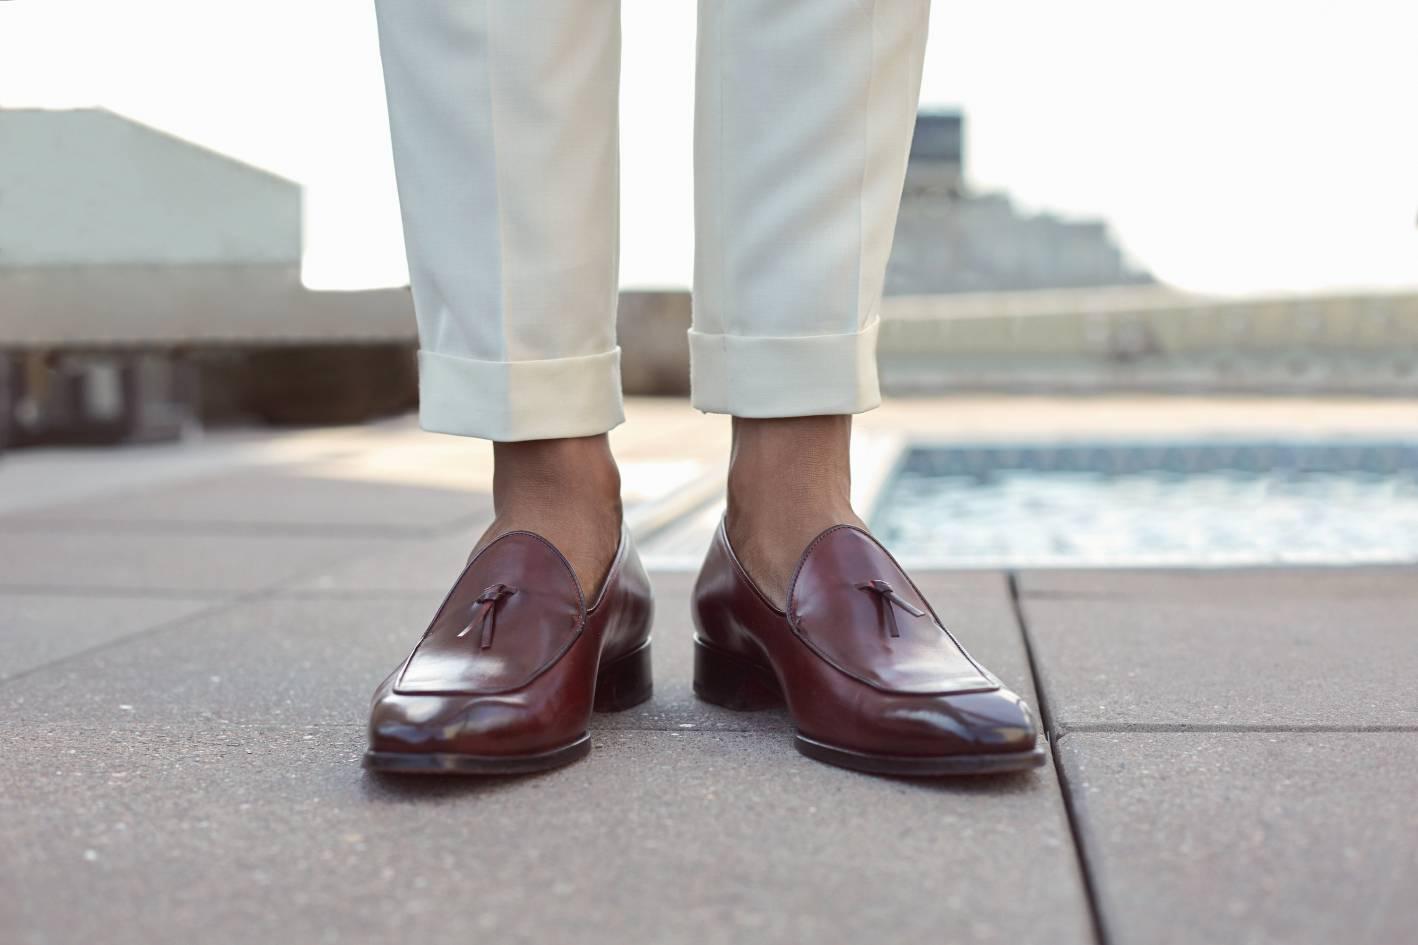 paul evans shoes review